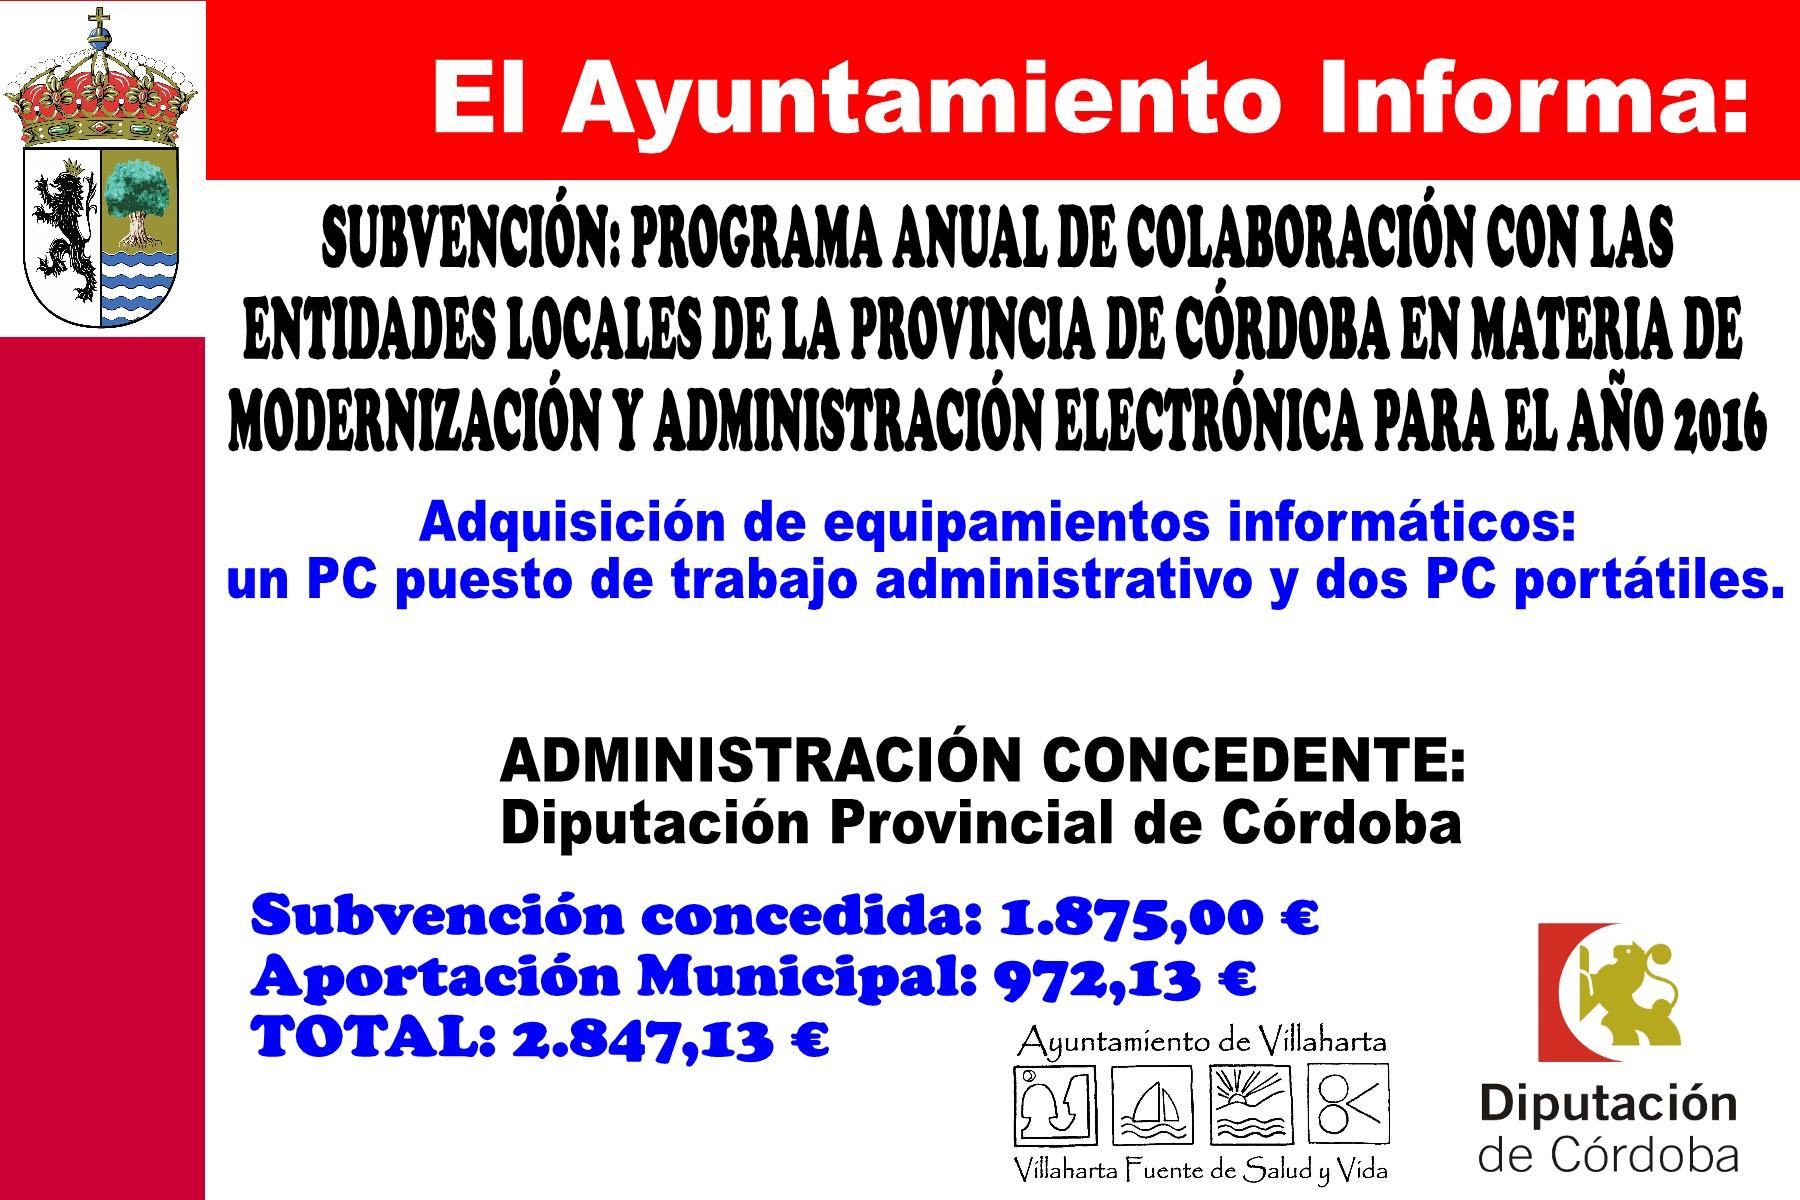 SUBVENCIONES RECIBIDAS. 2016 7